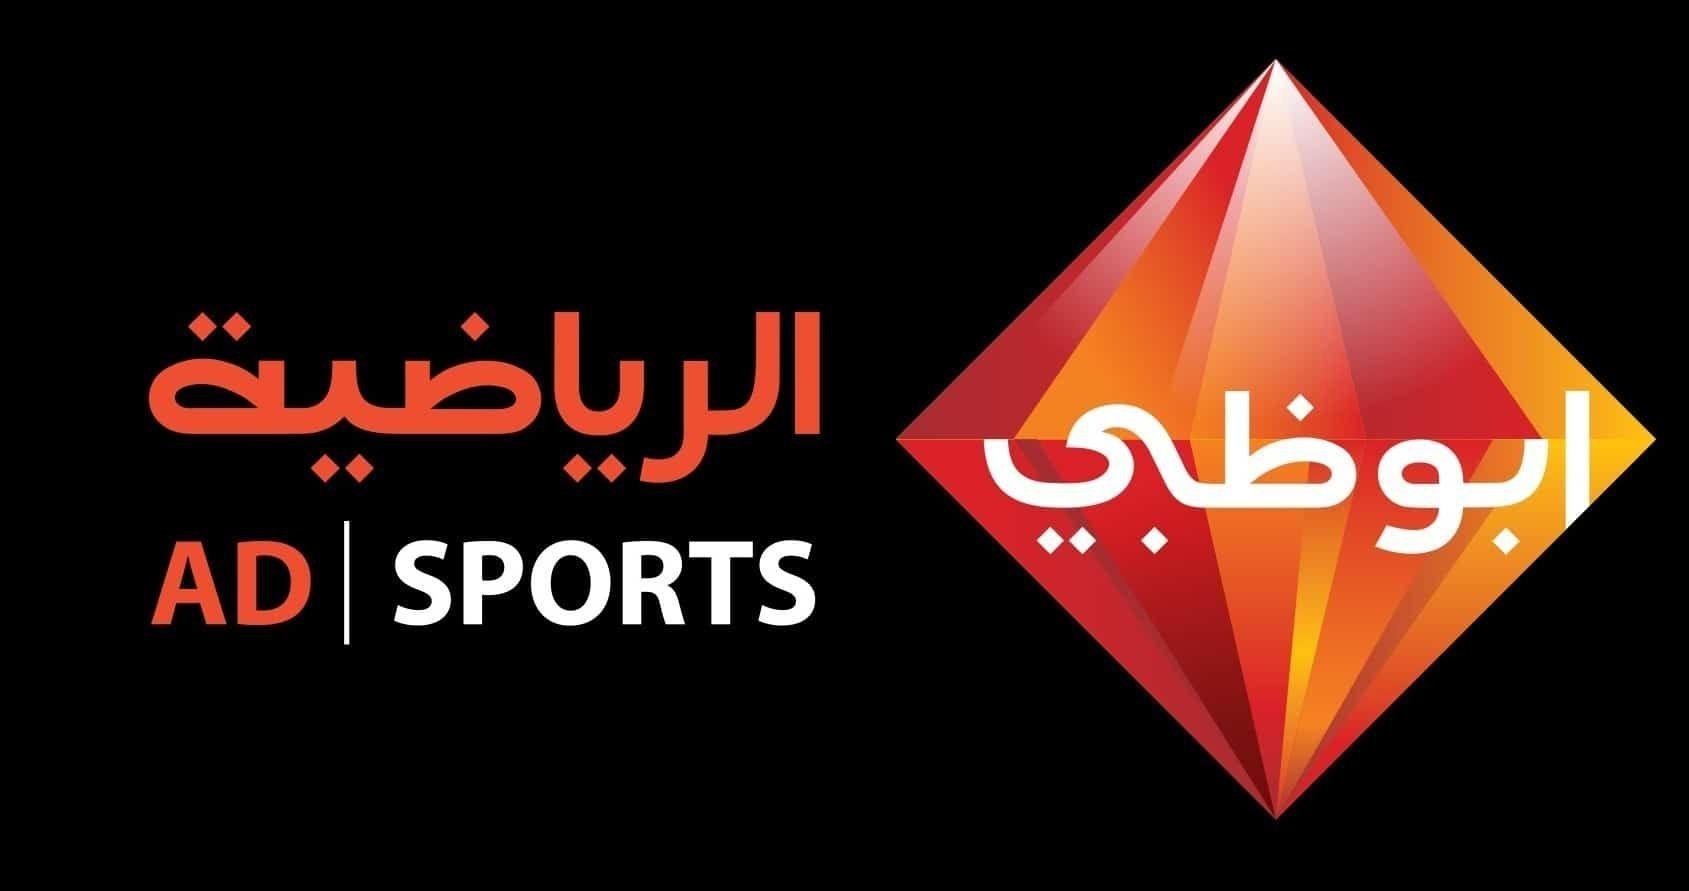 تردد قنوات أبو ظبي الرياضية 3 و 4 HD علي القمر الصناعي نايل سات وهوت بيرد Abu Dhabi Sport